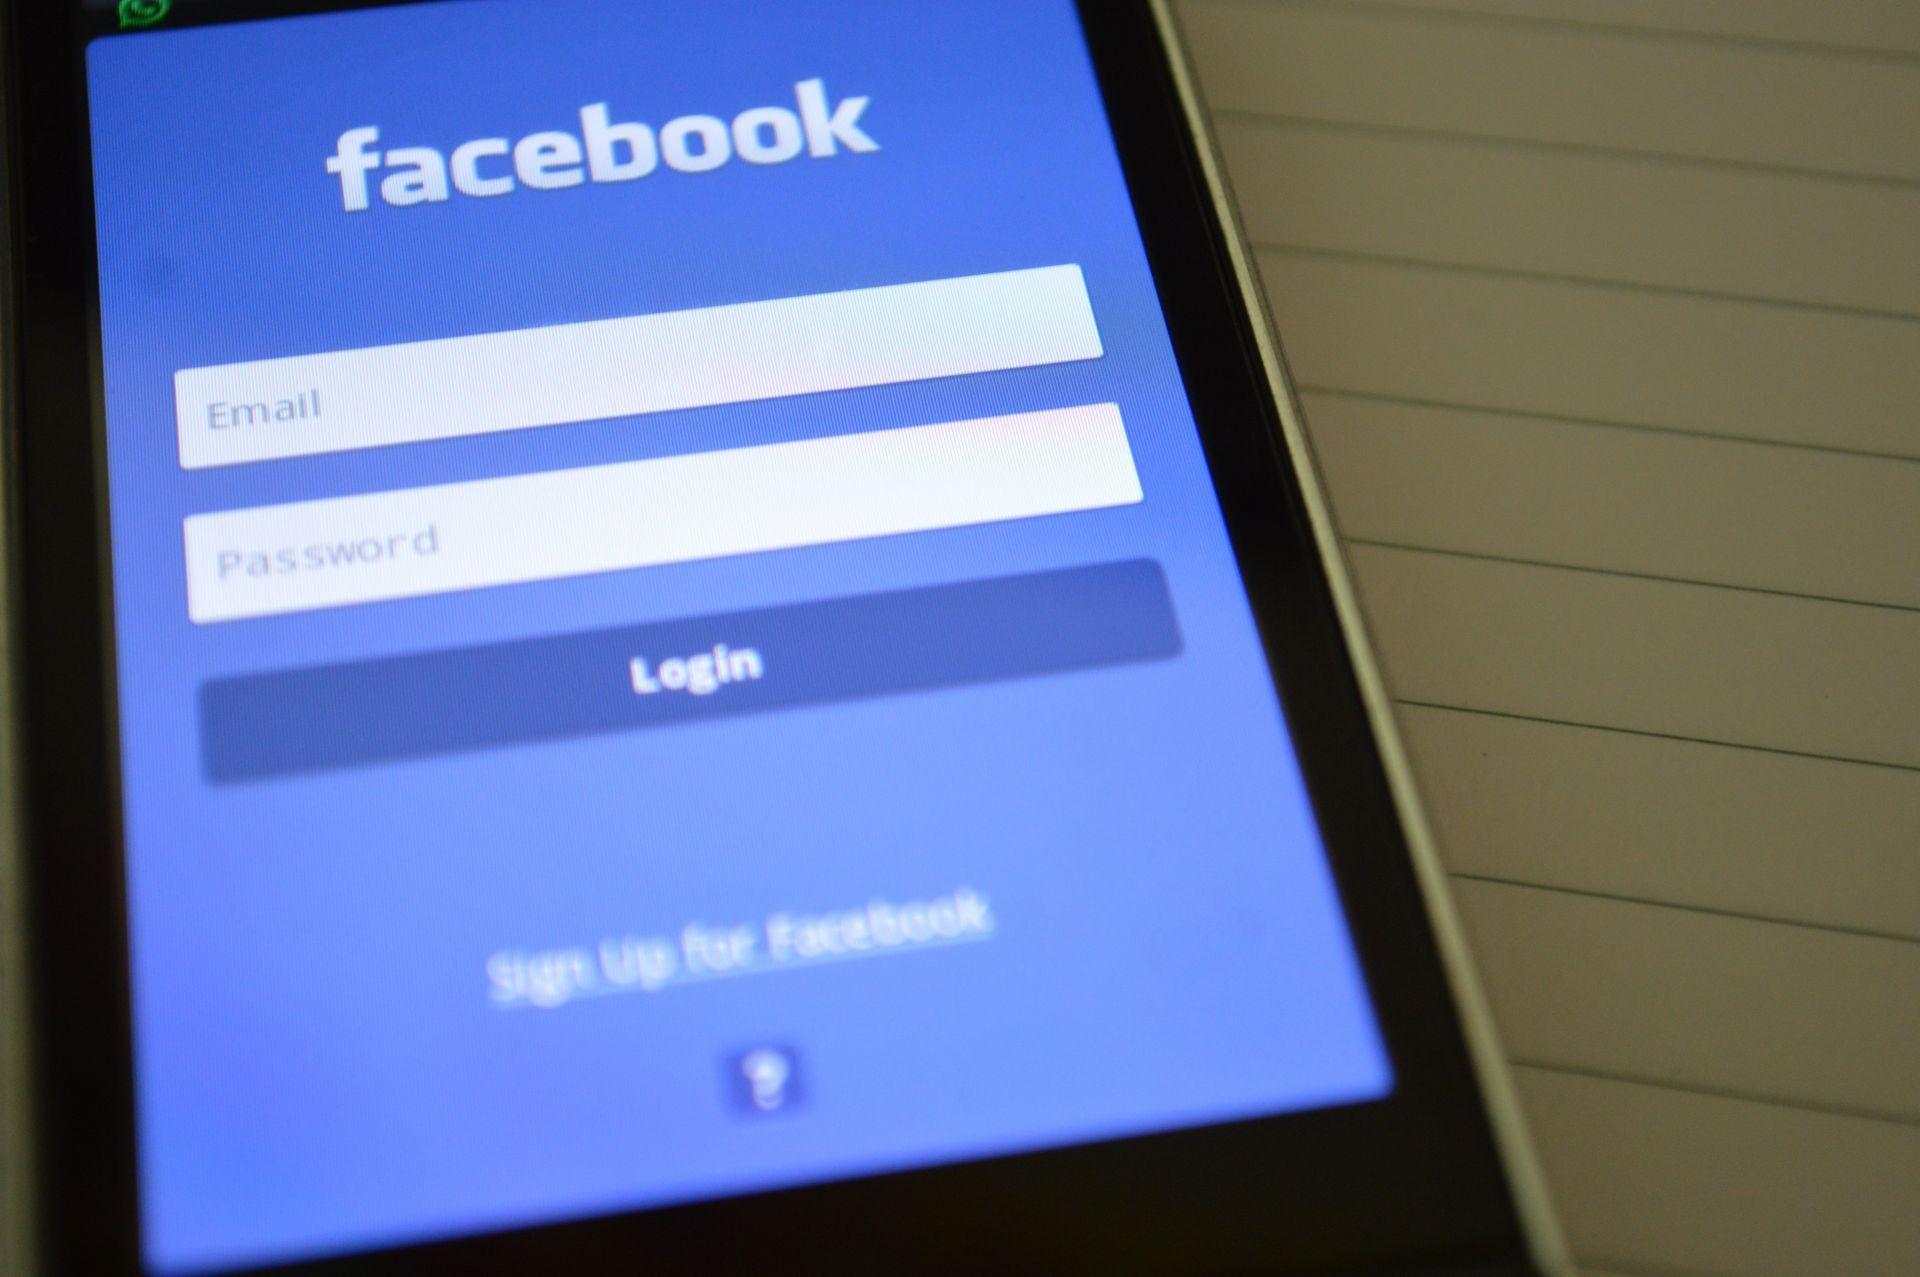 facebook-suspende-decenas-de-miles-de-aplicaciones-tras-cambridge-analytica